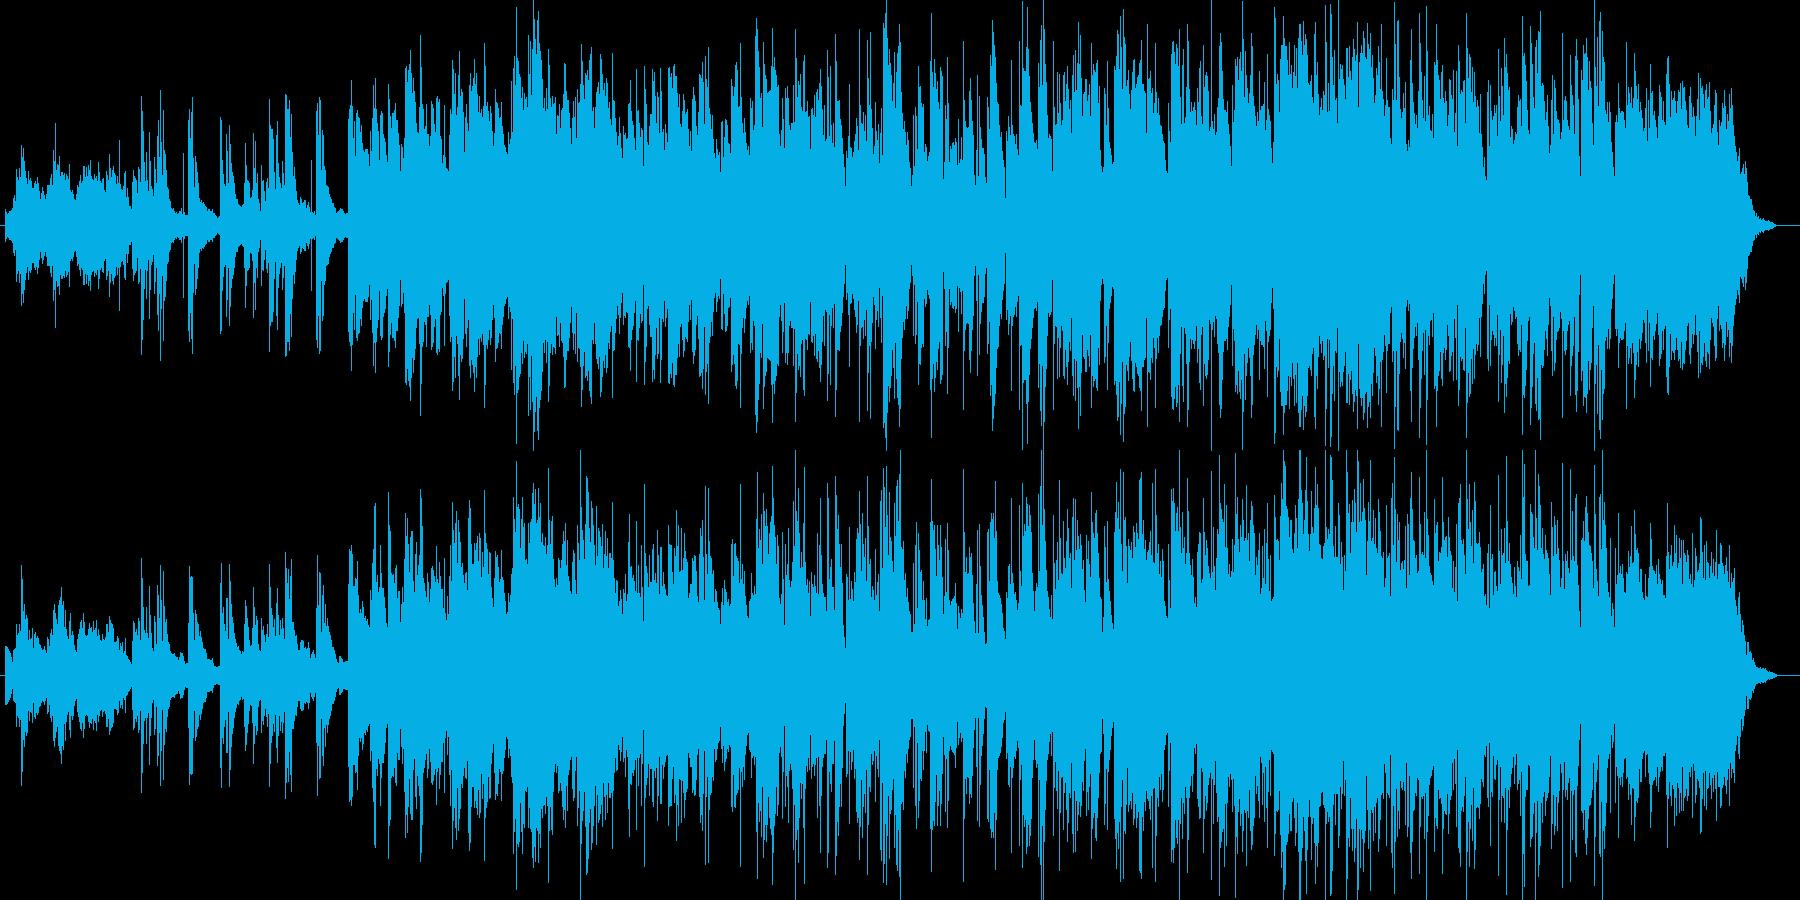 ジャズ風ストリングスシンセサイザー曲の再生済みの波形